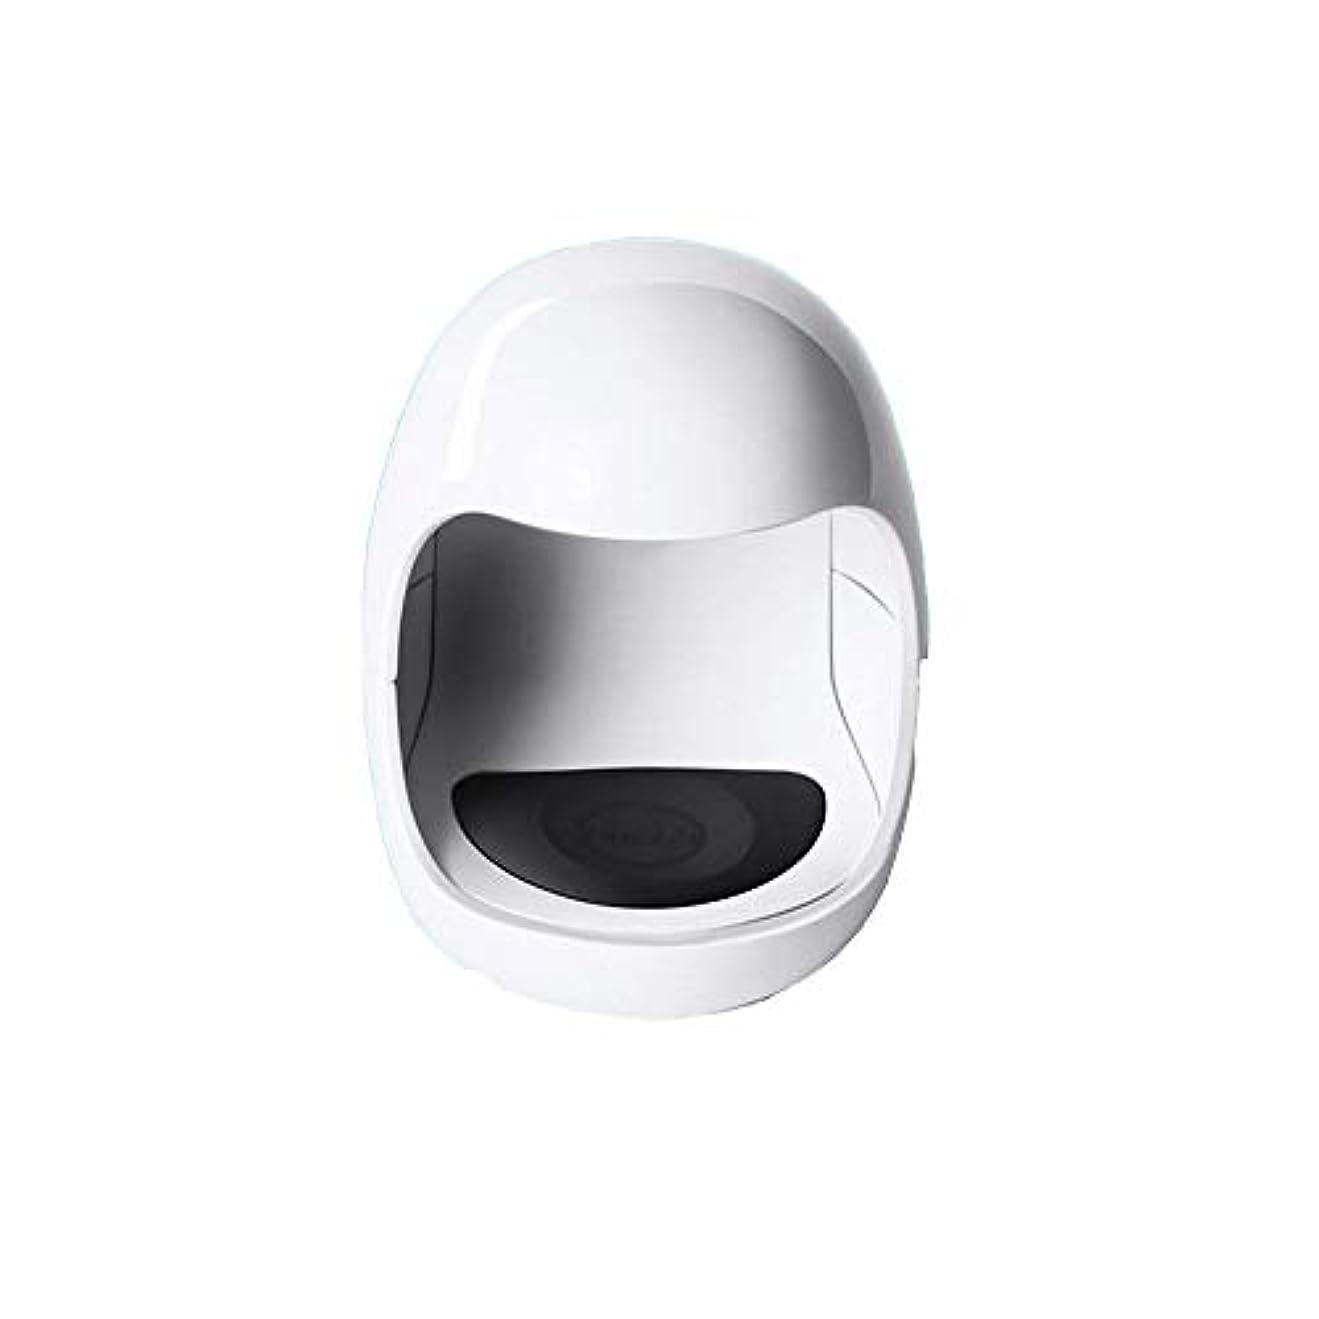 アピールクラウン砦YESONEEP ミニ光線療法機ミニシングルフィンガーネイルライトセラピーライトUSB日光LED速乾性ネイルオイルグルーベーキングランプ (色 : White)